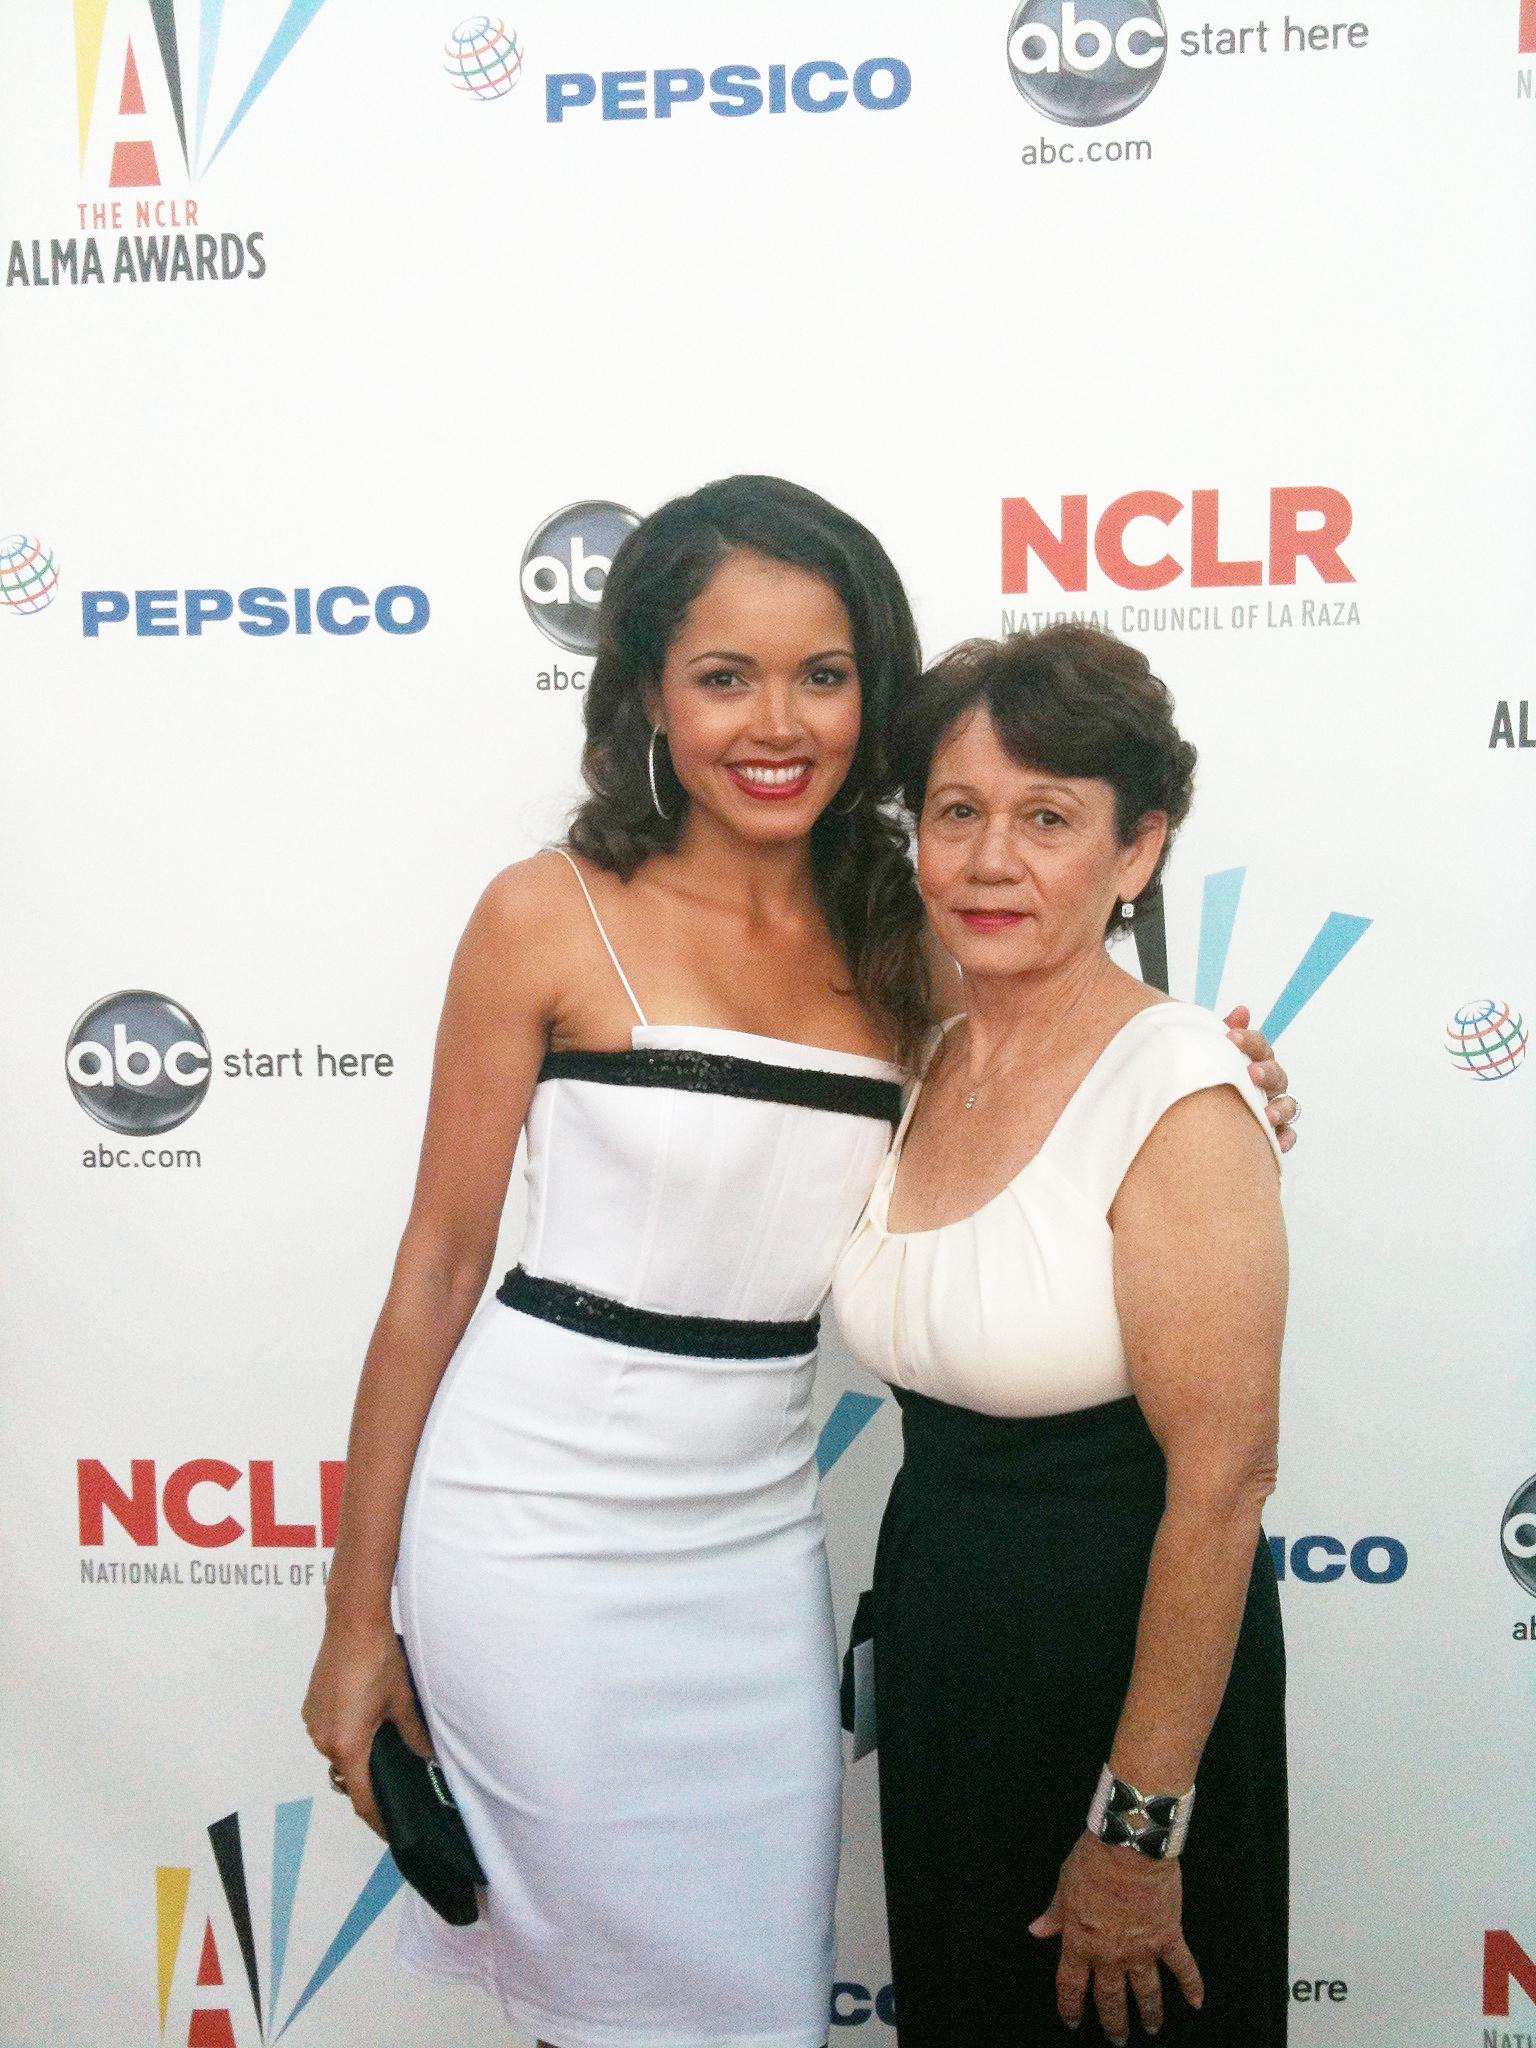 - At the NCLR Awards.